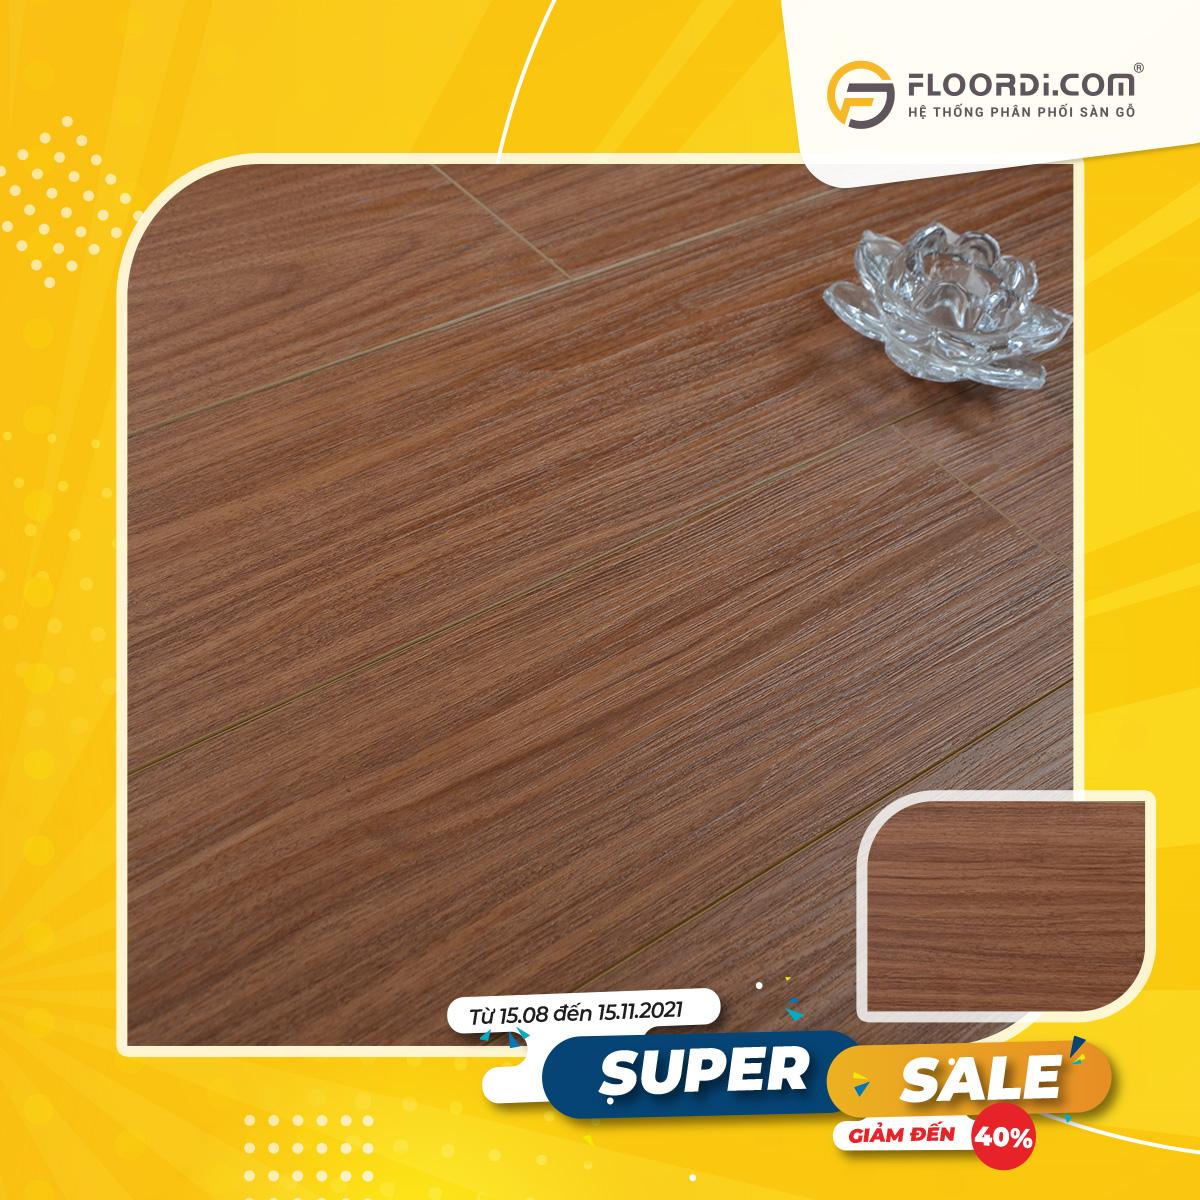 Sàn nhựa Amazfloor AM8307 American Cherry – 4mm